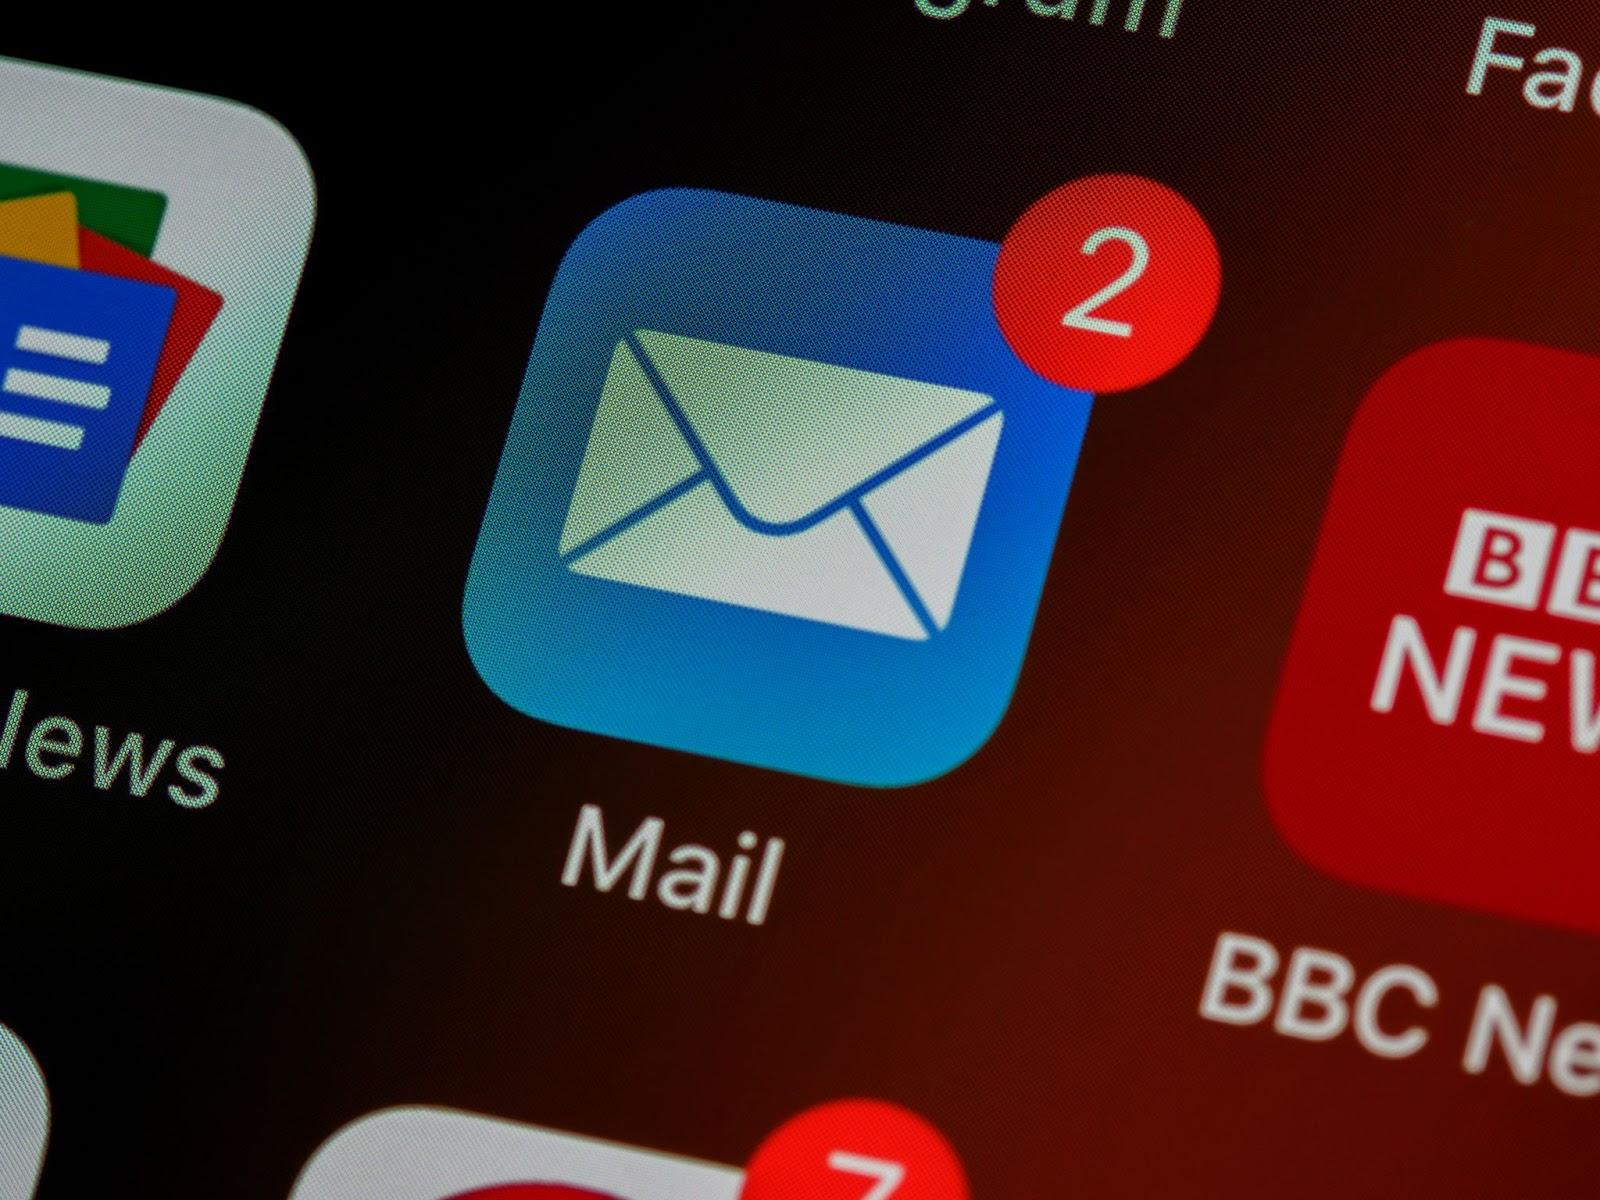 Halte deine E-Mails so kurz wie möglich und in der einfachsten Sprache, die möglich ist.